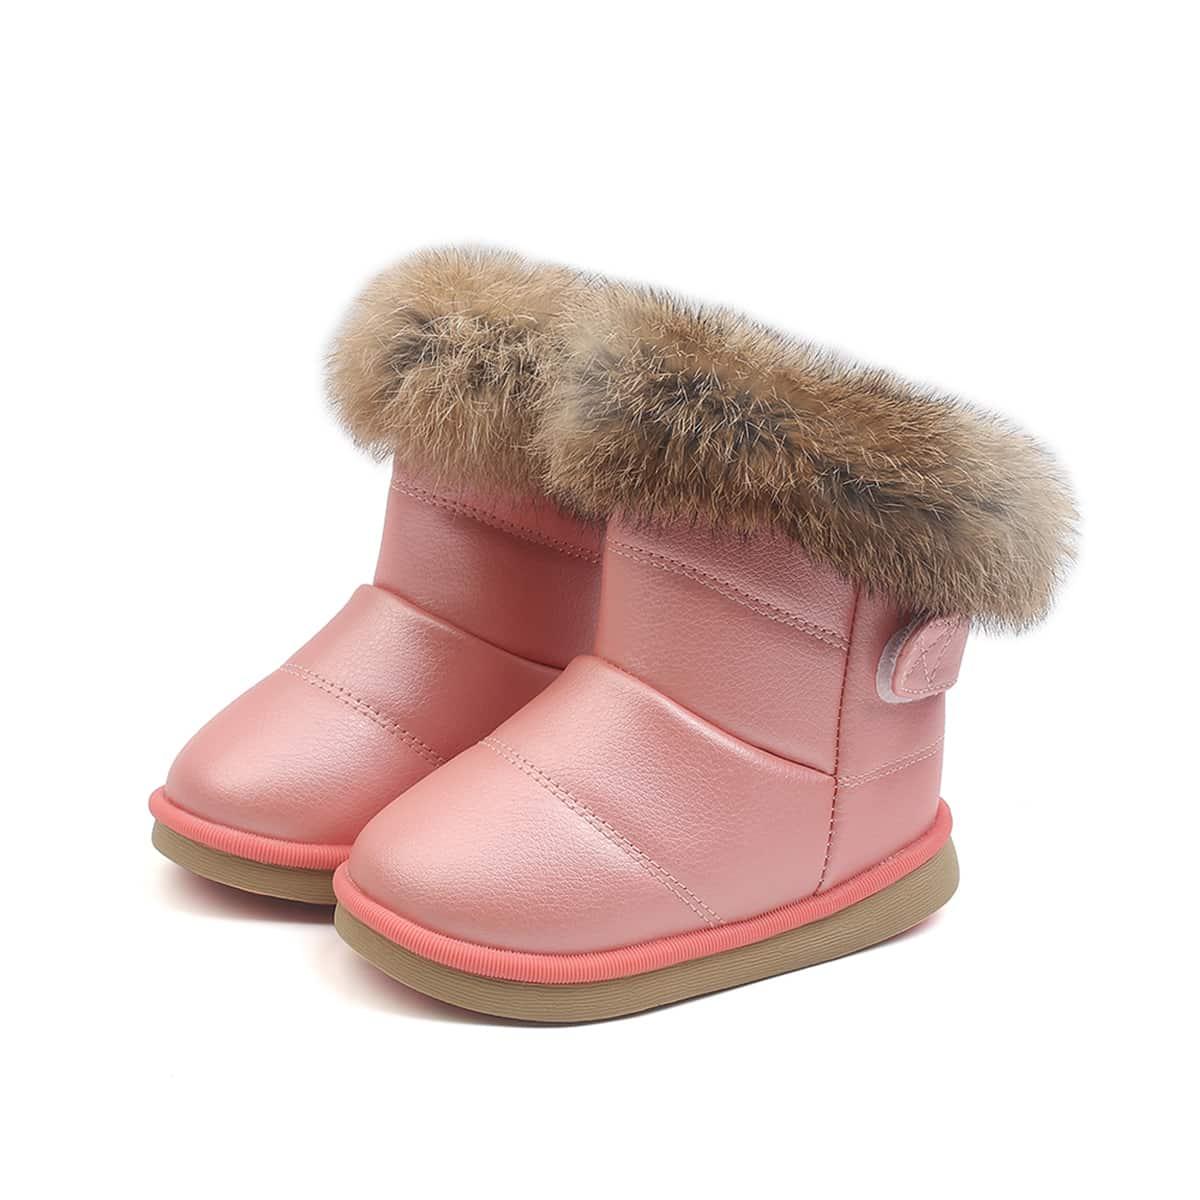 Плюшевые ботинки для девочек SheIn sk2108031290530610